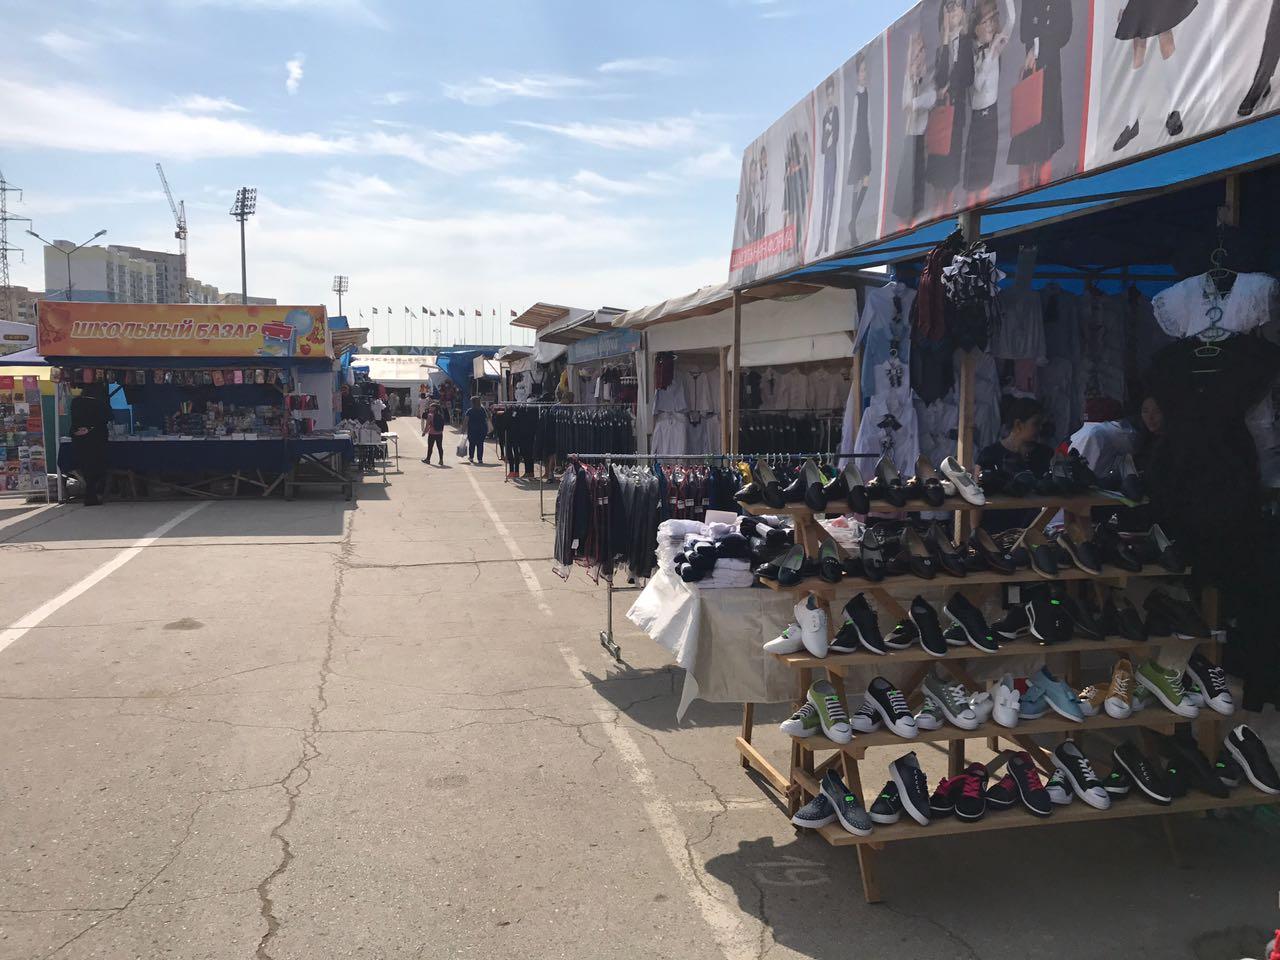 «Школьный базар» на Комсомольской площади: Цены дикие!